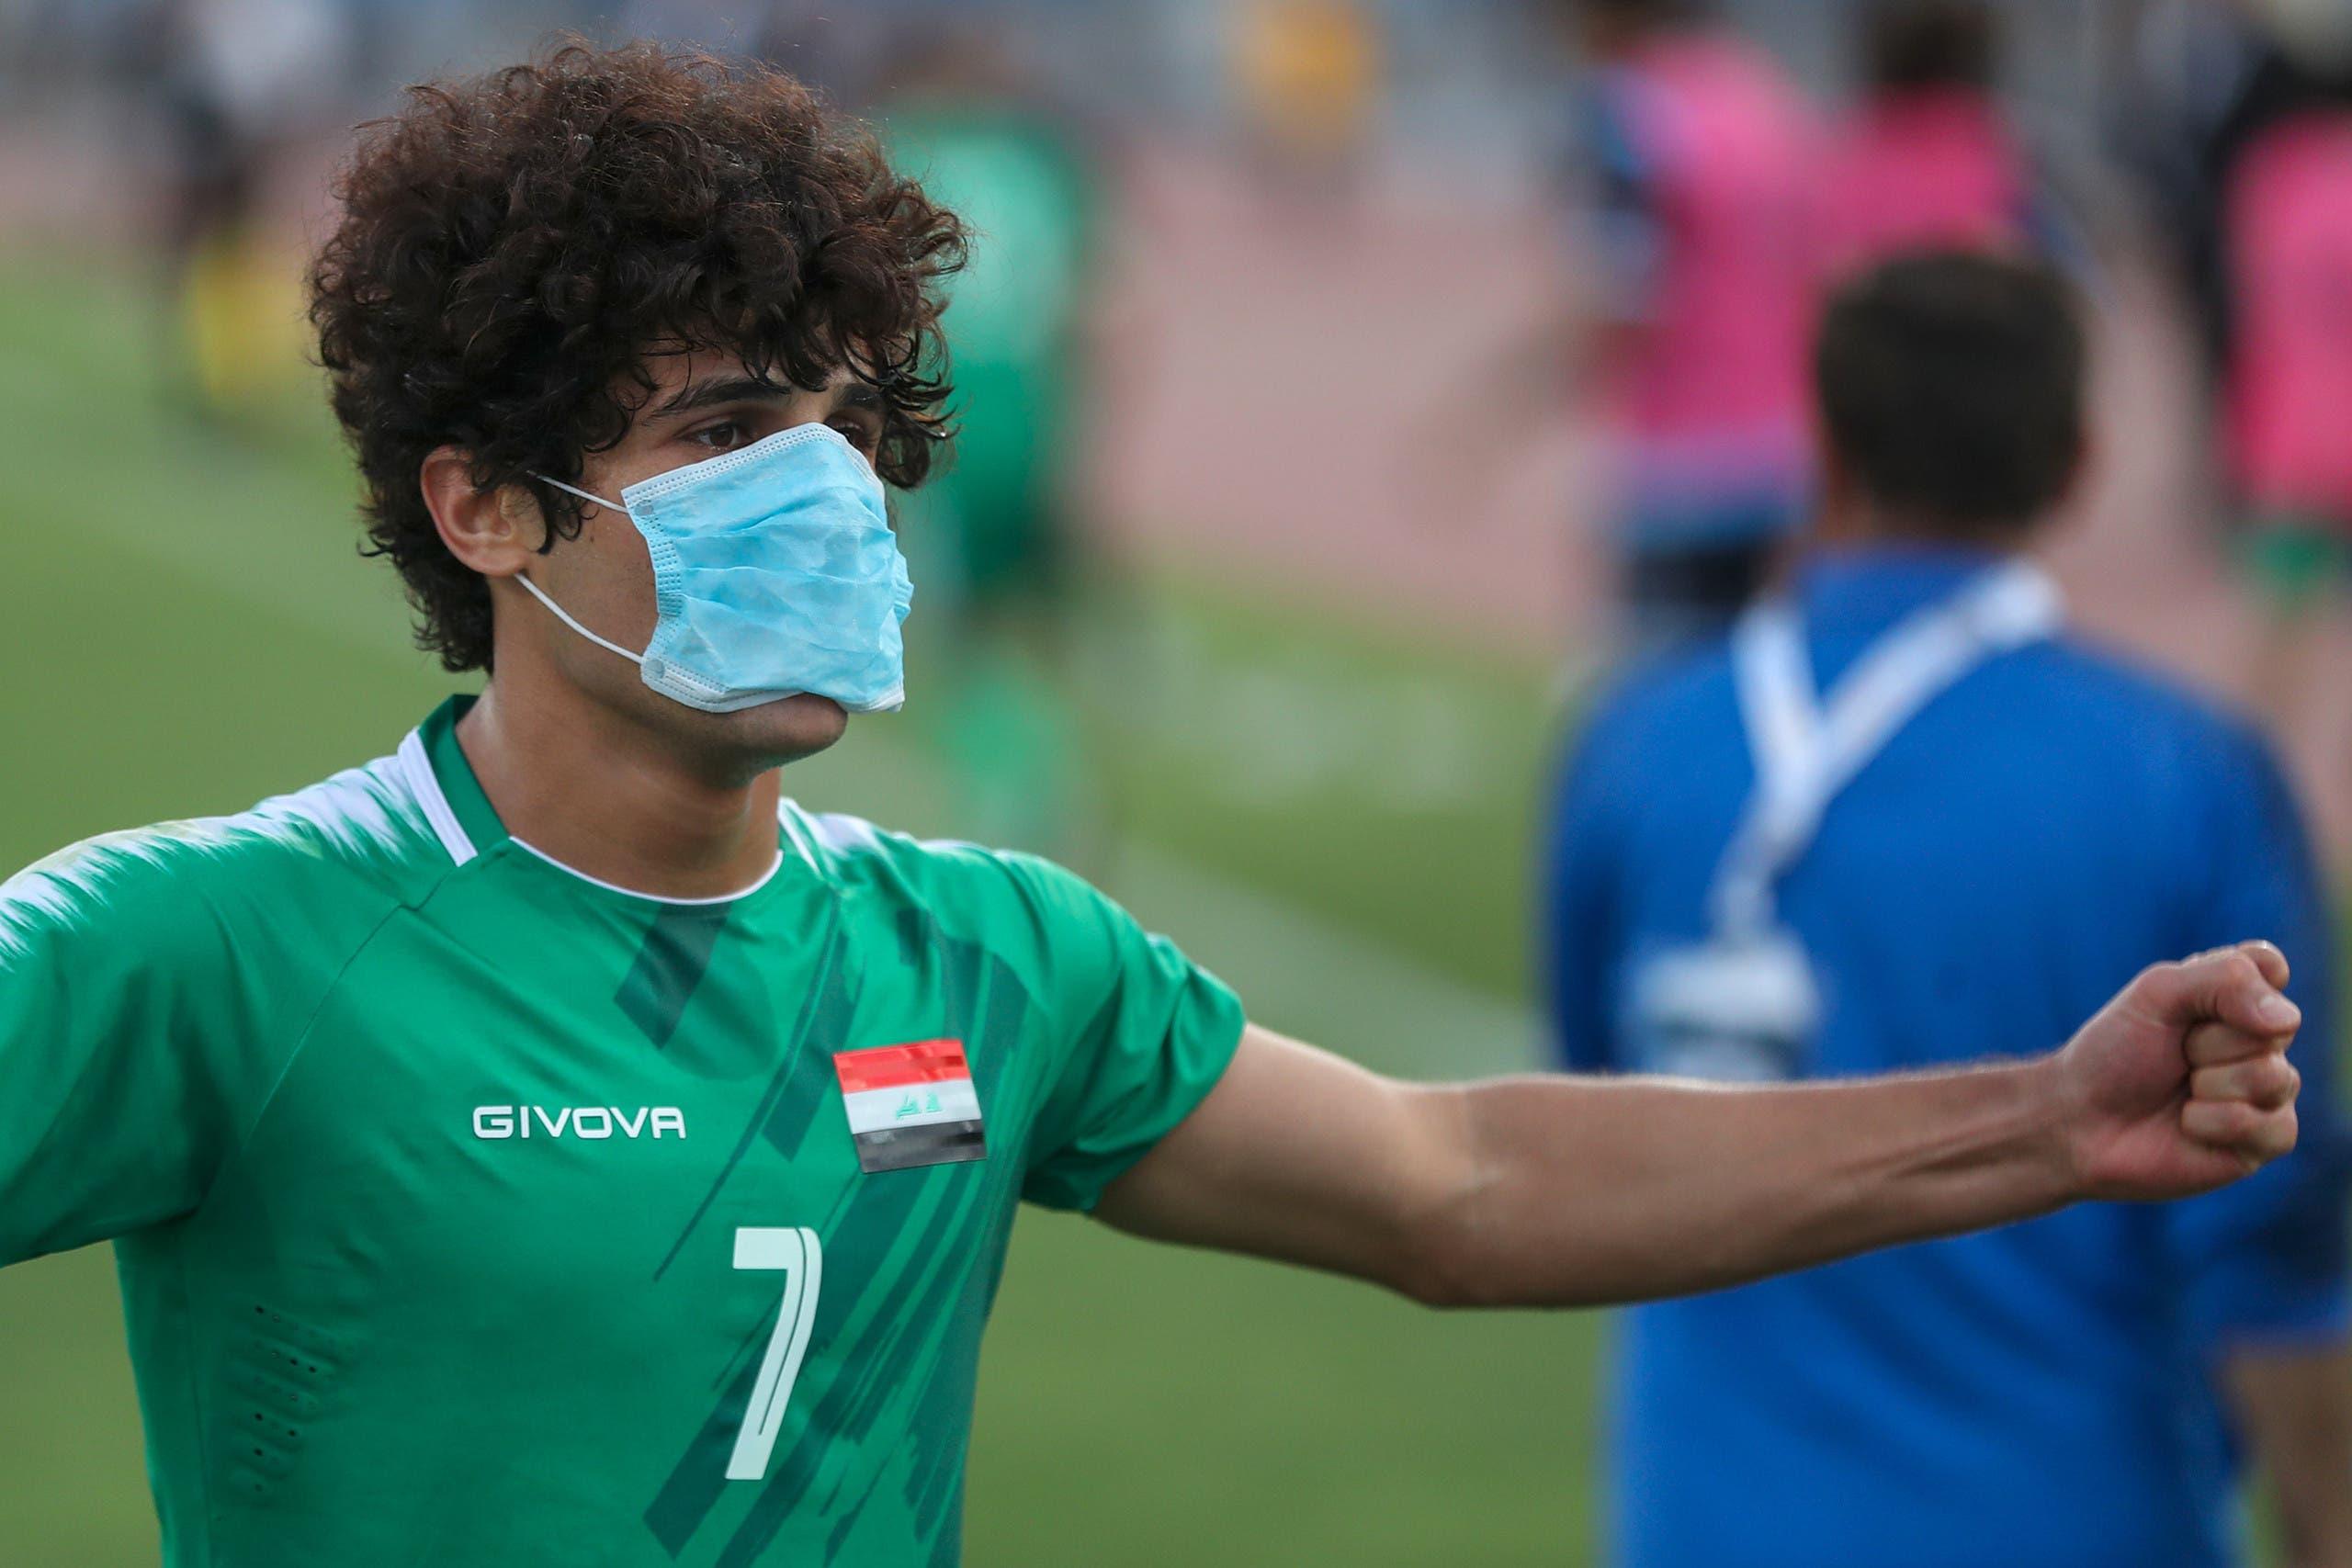 لاعب المنتخب العراقي يتضامن مع المتظاهرين